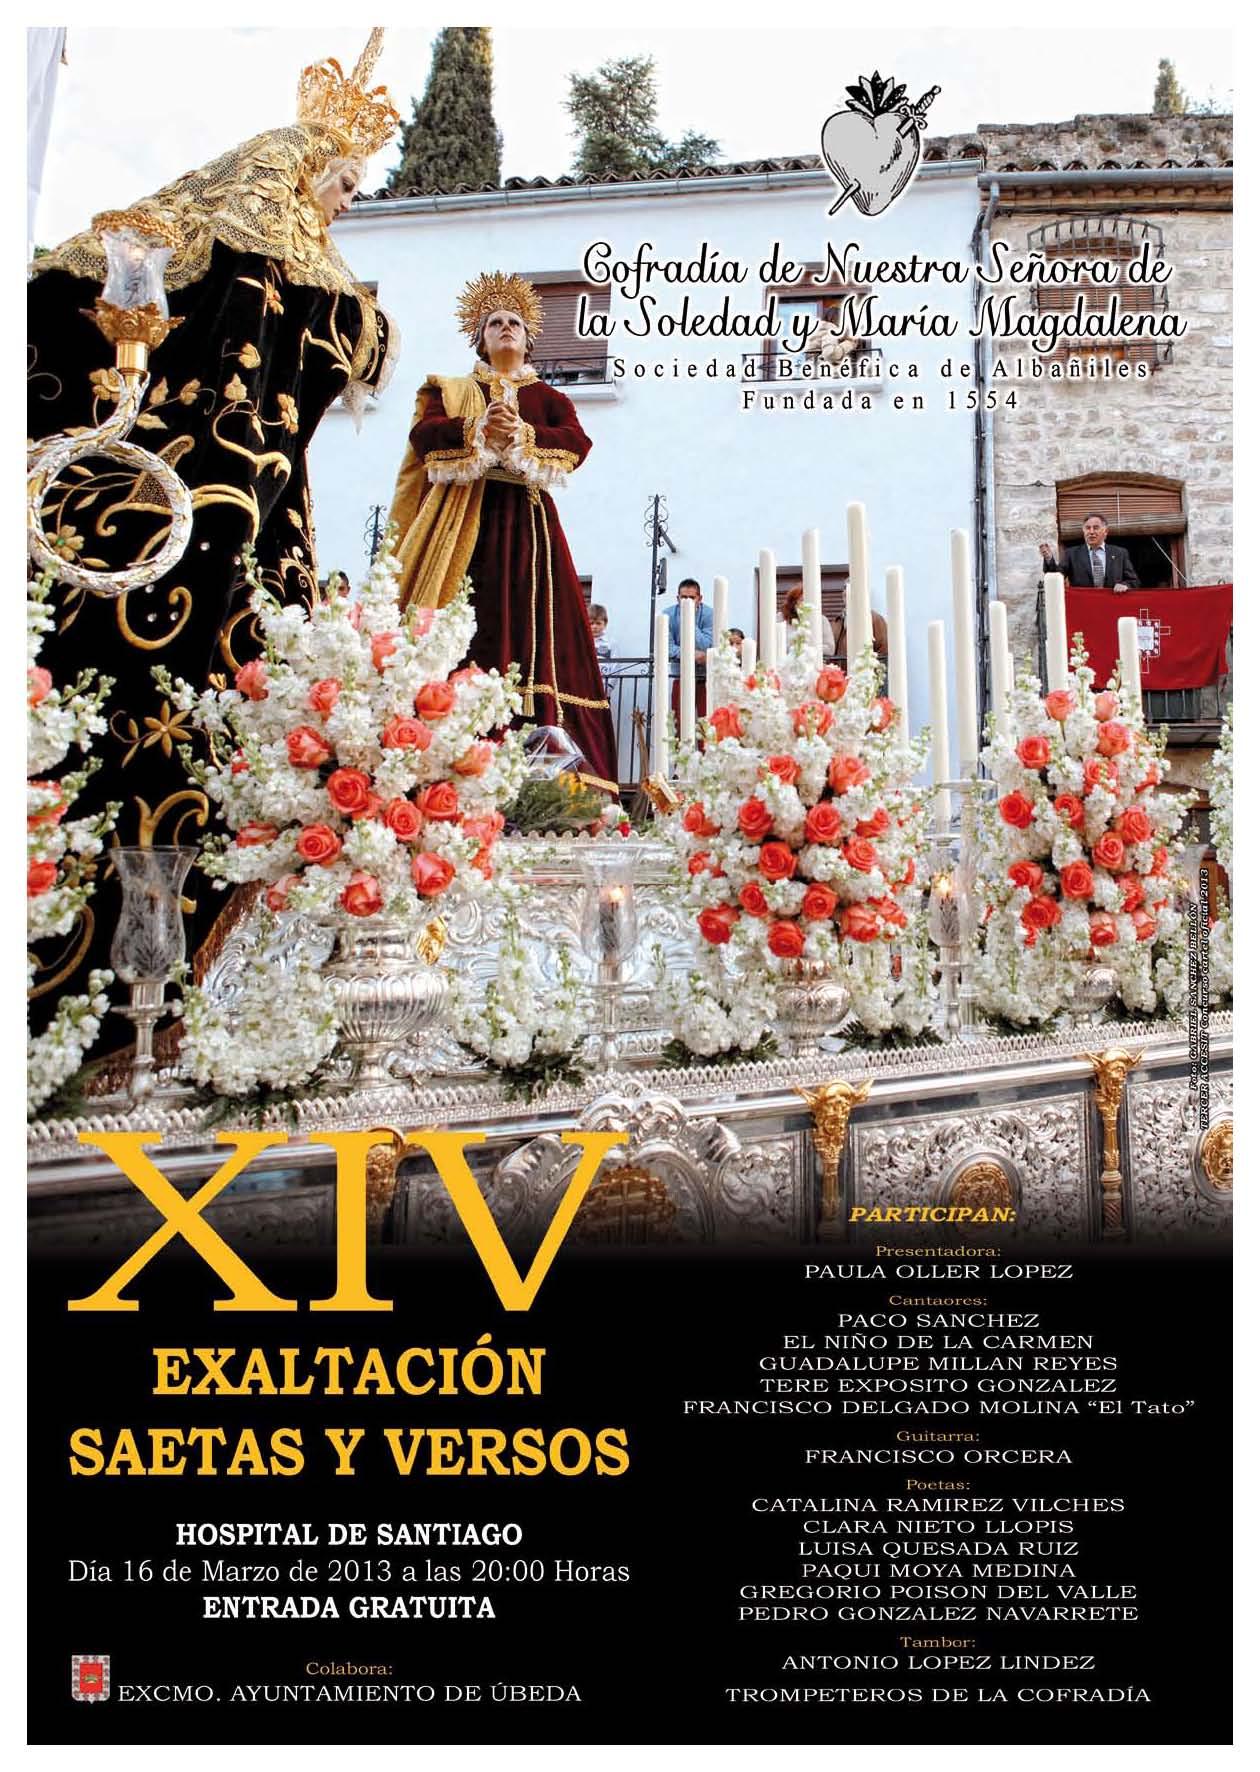 Cartel de la Exaltación de Saetas y versos 2013